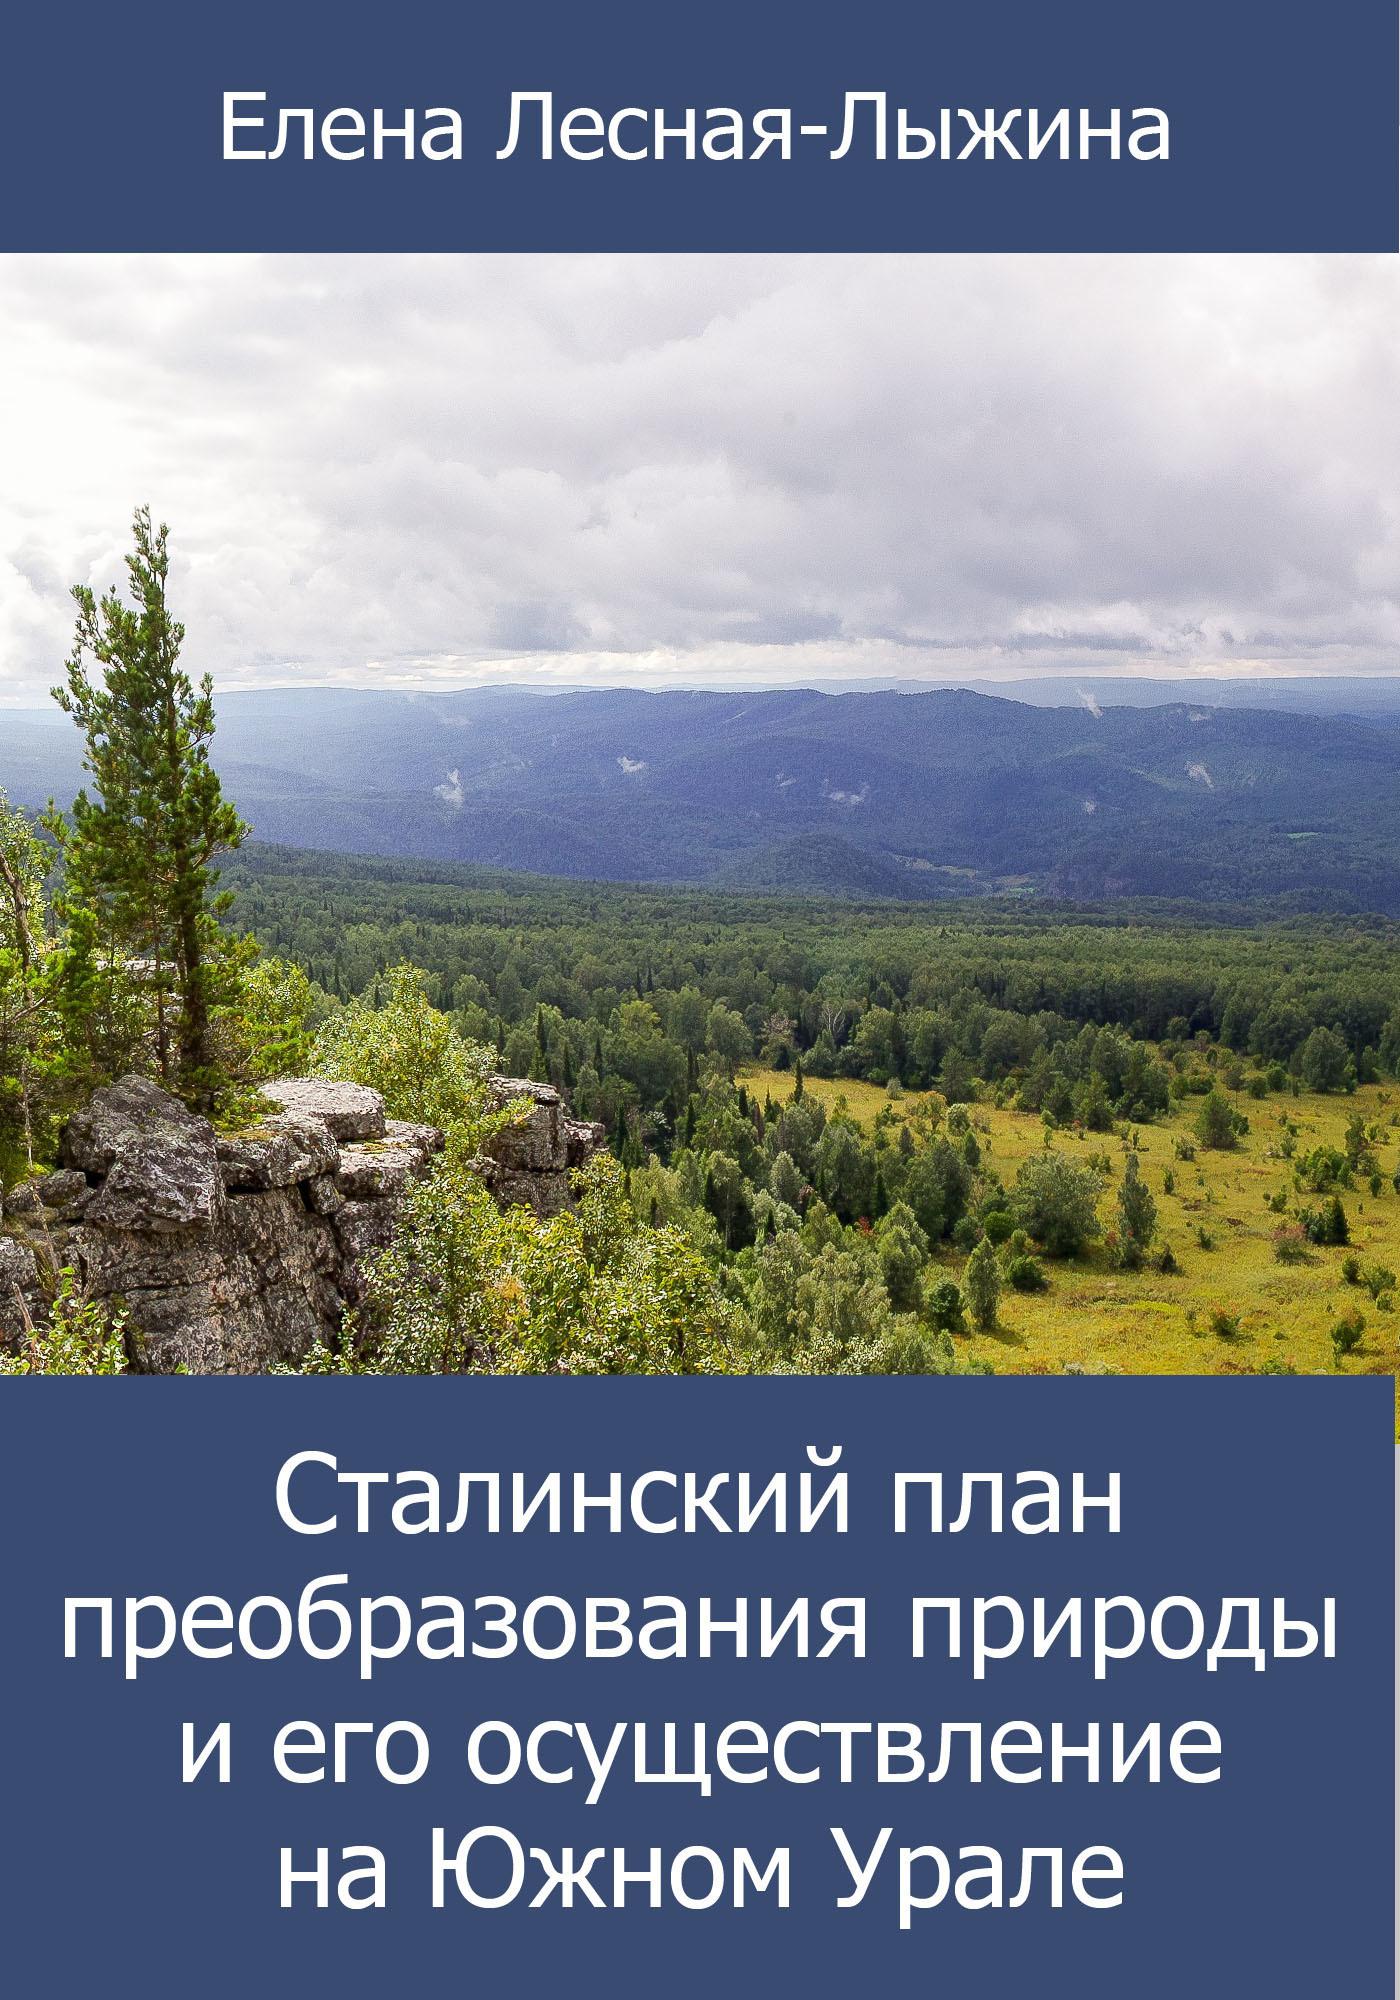 Елена Лесная-Лыжина Сталинский план преобразования природы и его осуществление на Южном Урале